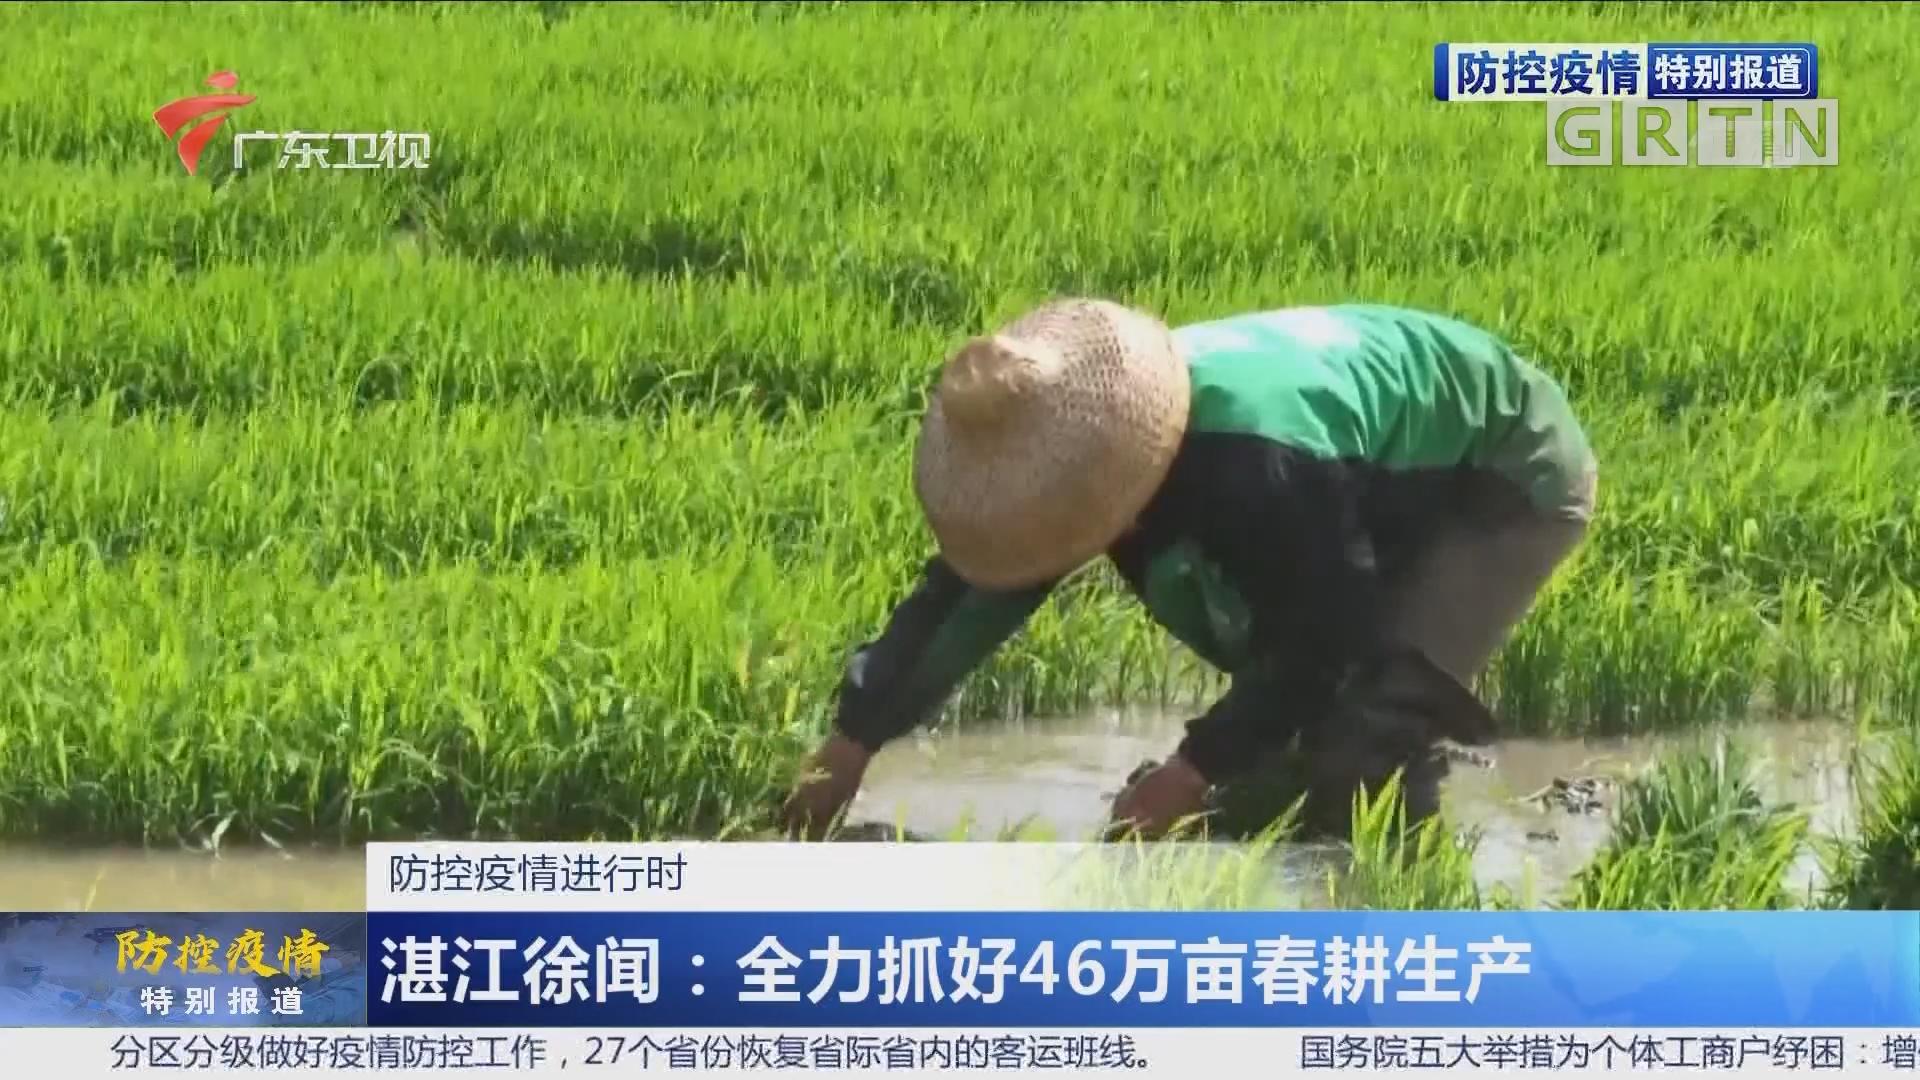 防控疫情进行时 湛江徐闻:全力抓好46万亩春耕生产